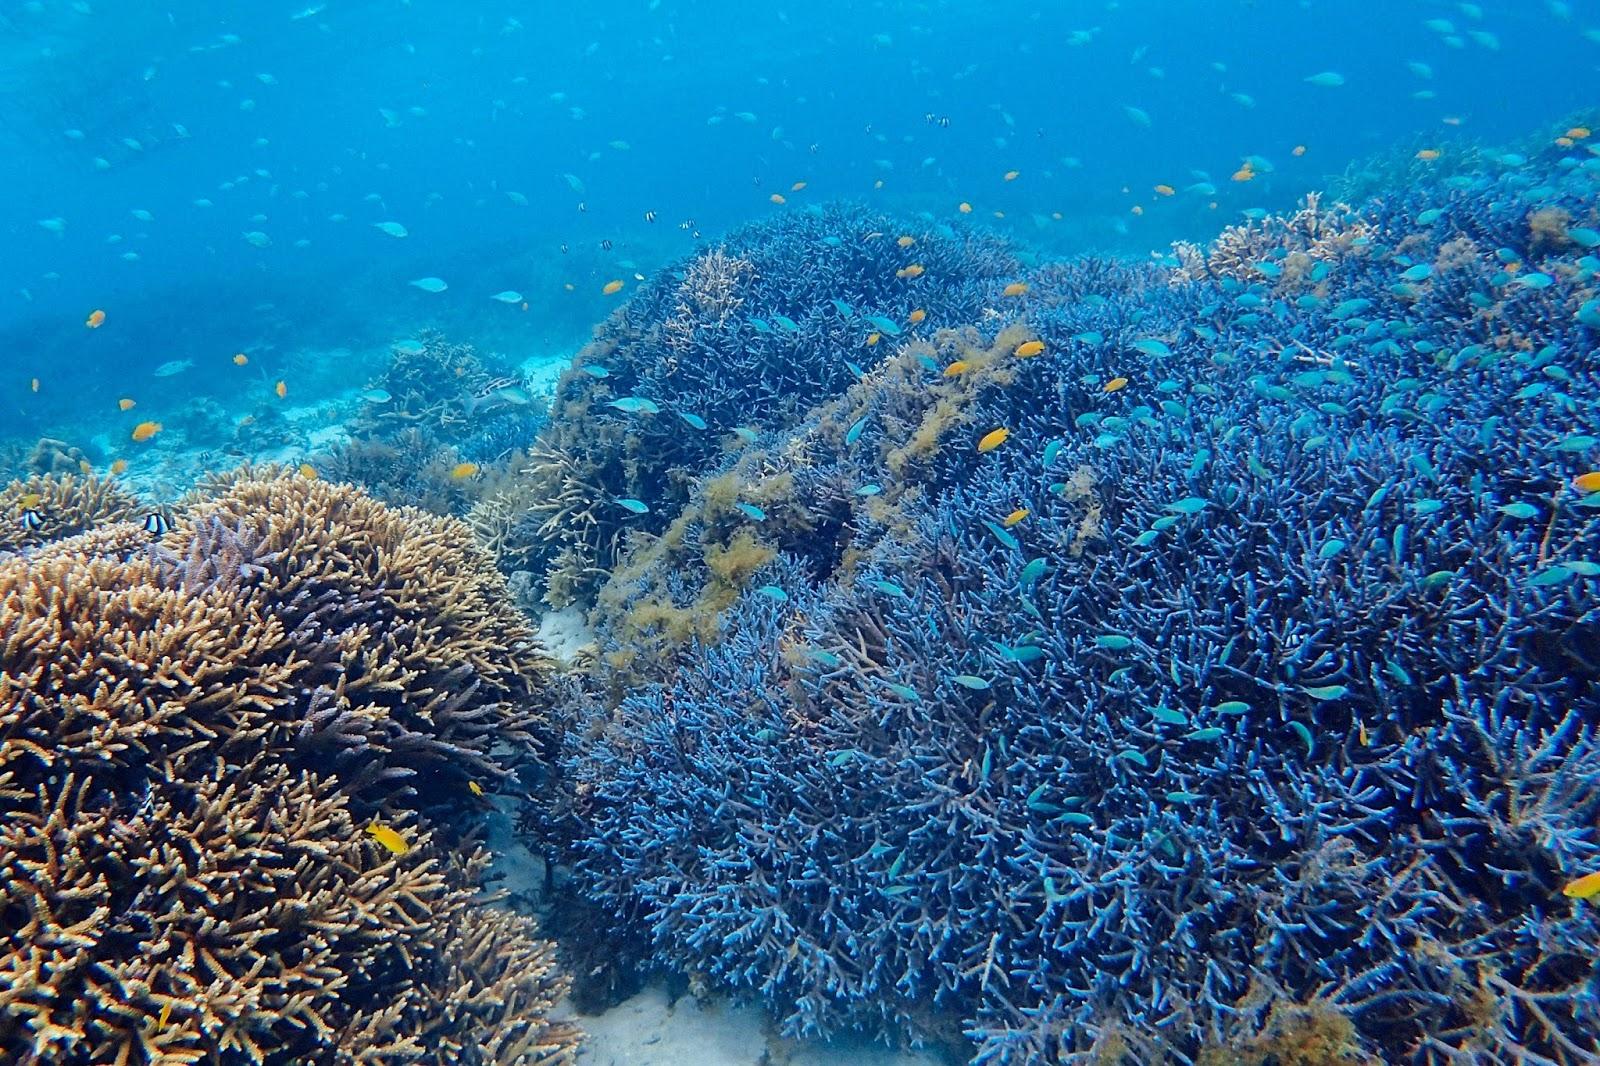 沖繩-沖繩潛水-沖繩浮潛-八重山群島-推薦-潛點-Okinawa-scuba-diving-snorkeling